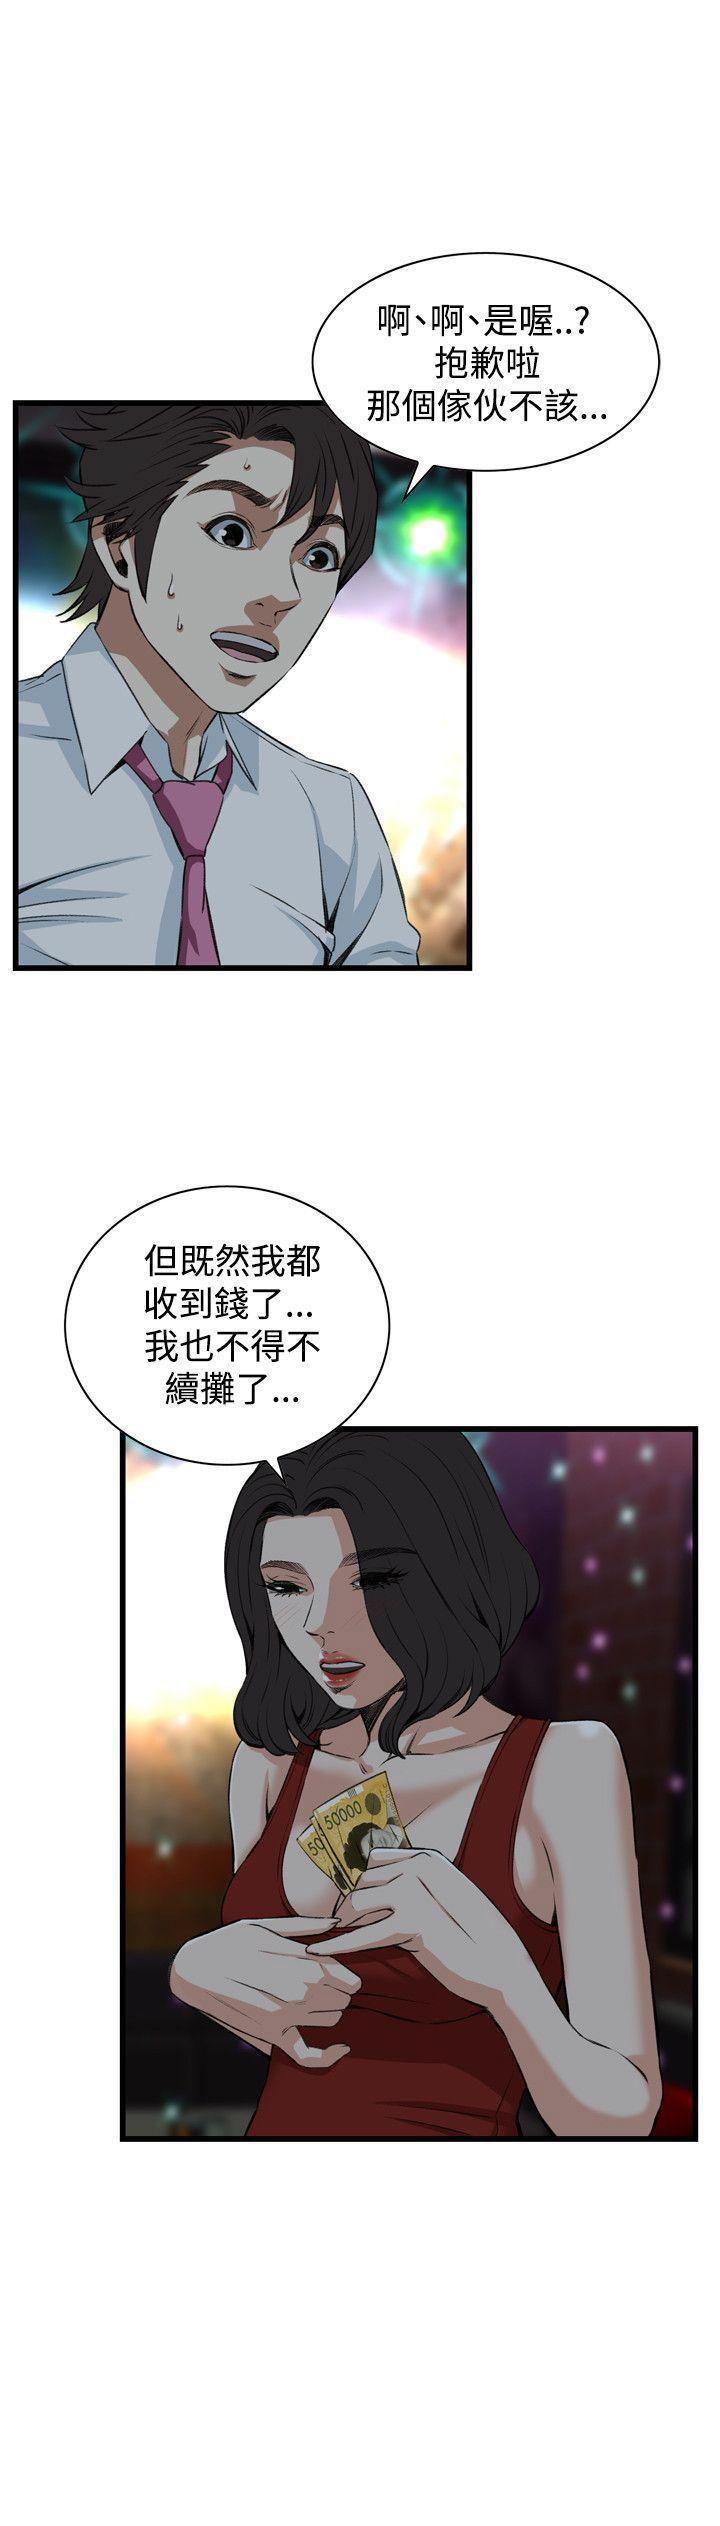 偷窥72-93 Chinese Rsiky 41